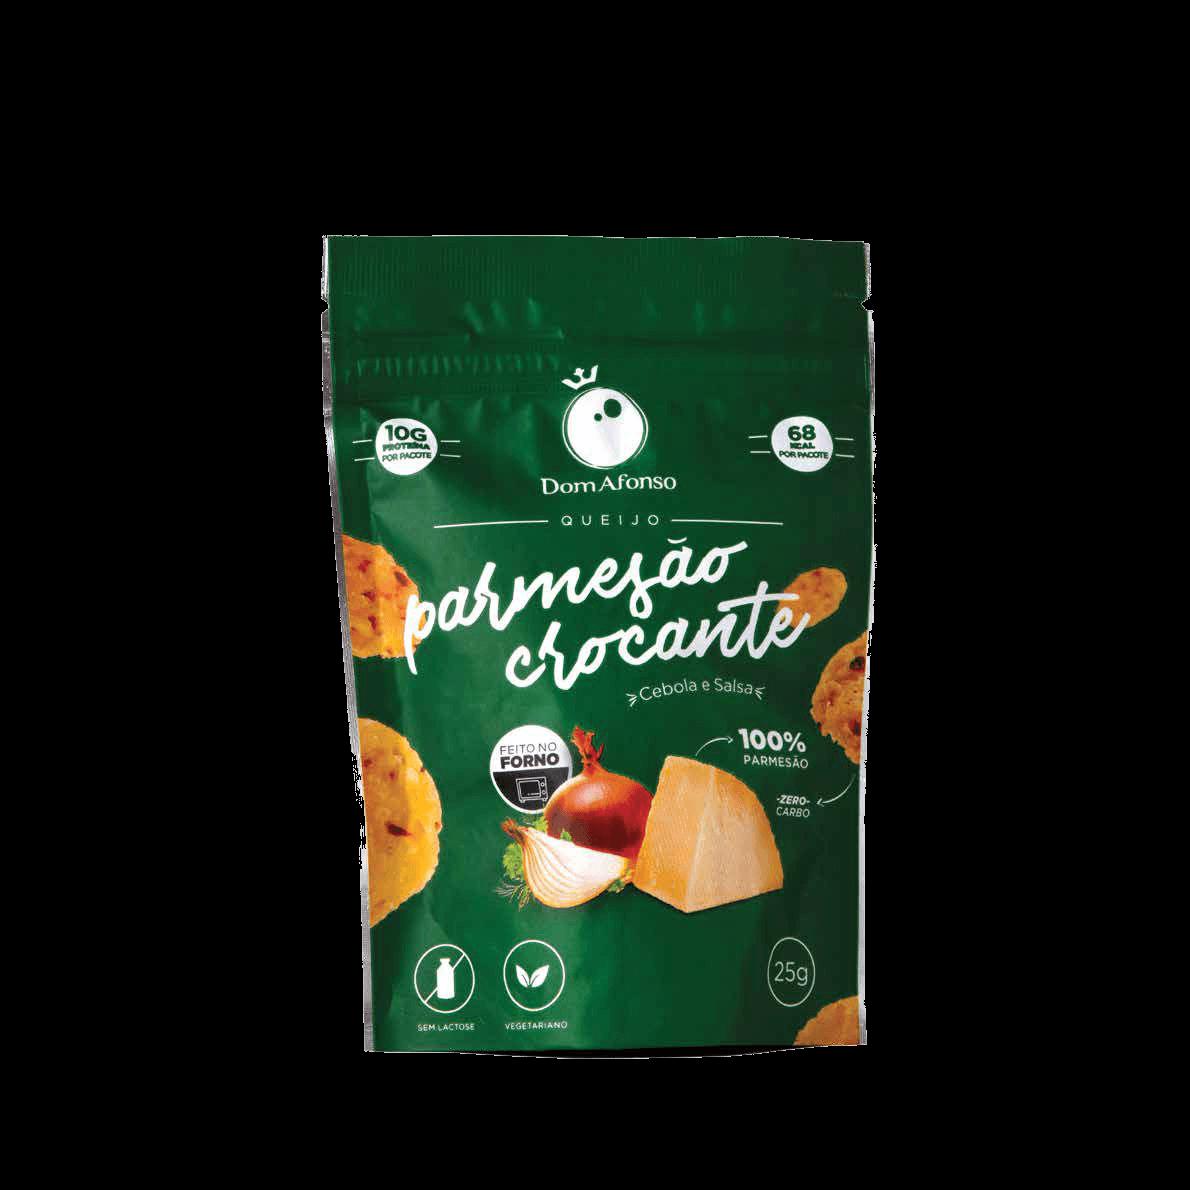 Queijo Cebola e Salsa Crocante Parmesão Dom Afonso - 25g